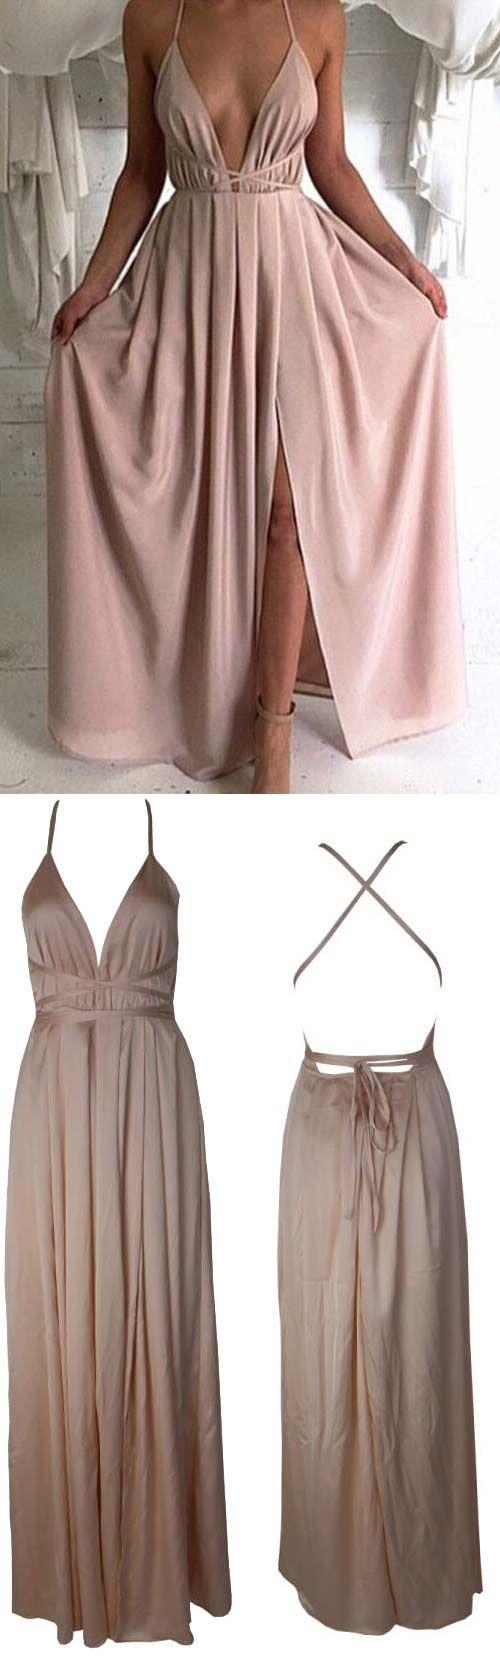 vestido casamento praia 5